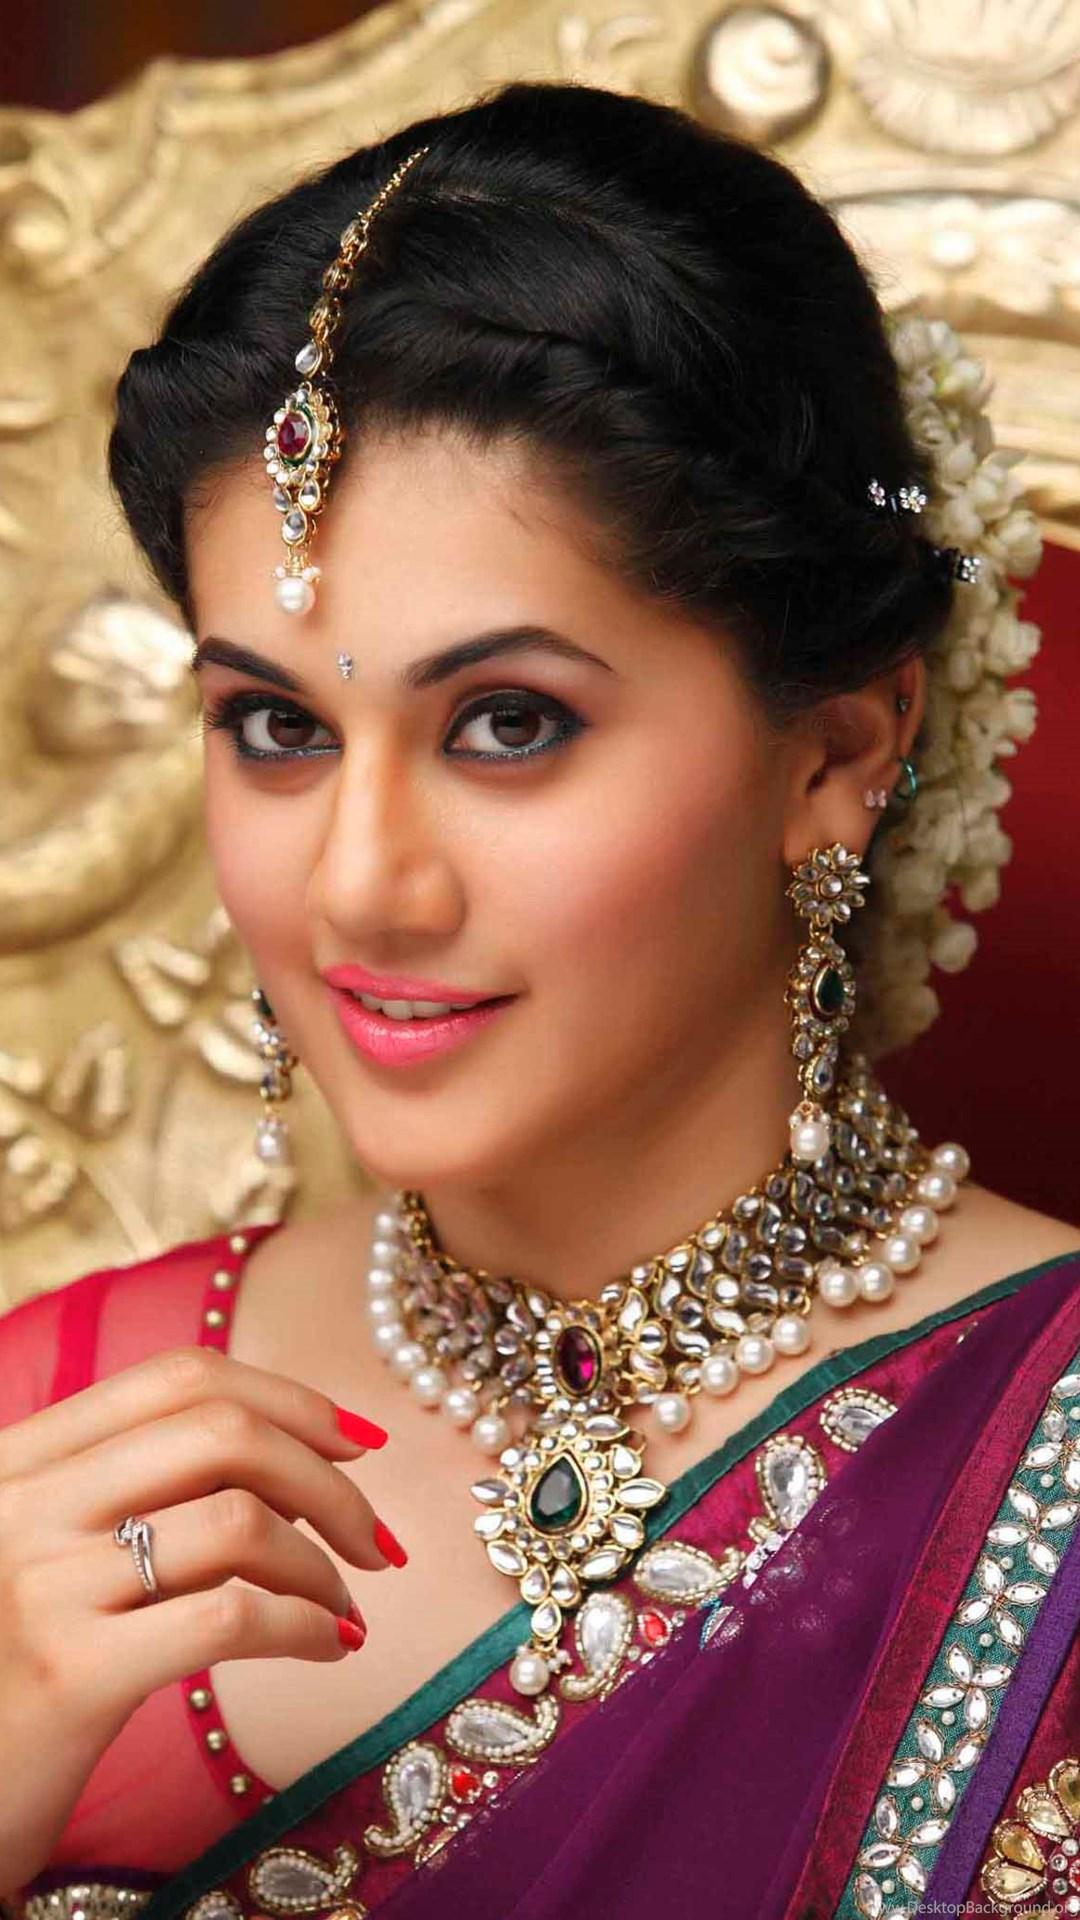 Taapsee Pannu Telugu Actress Beautiful Red Saree Hd Pics Desktop Background